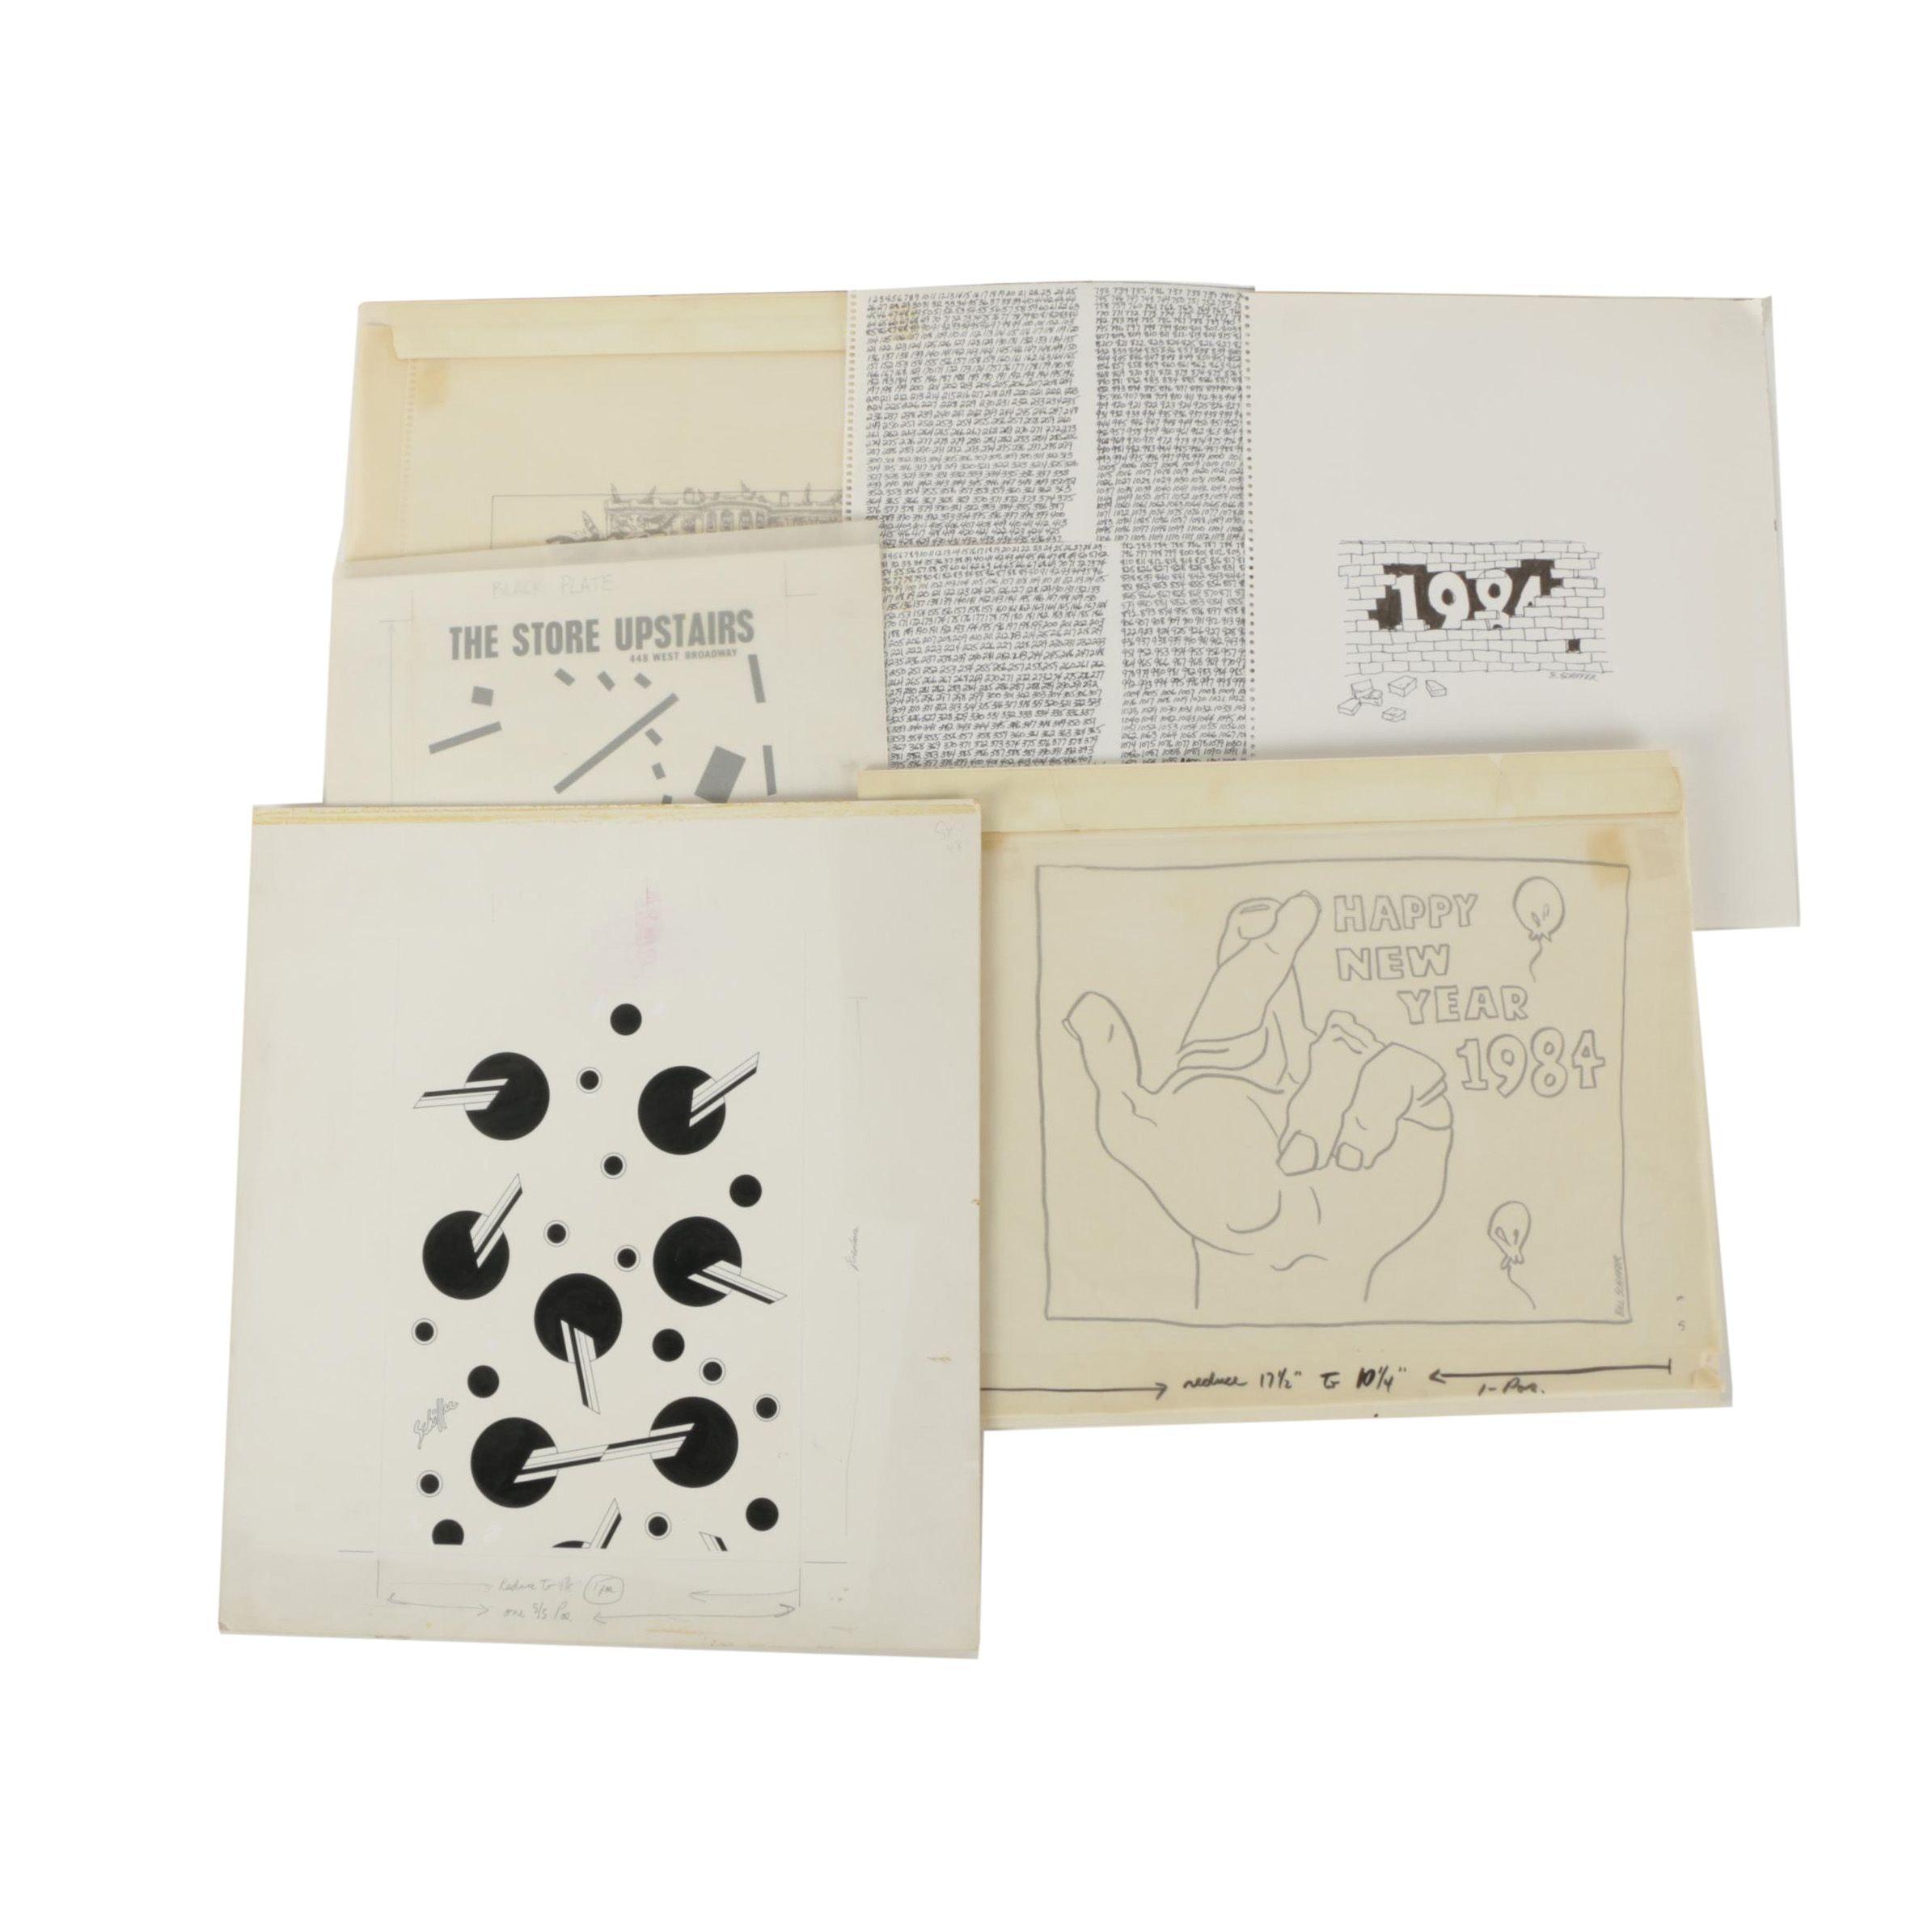 Bill Schiffer Ink Drawings